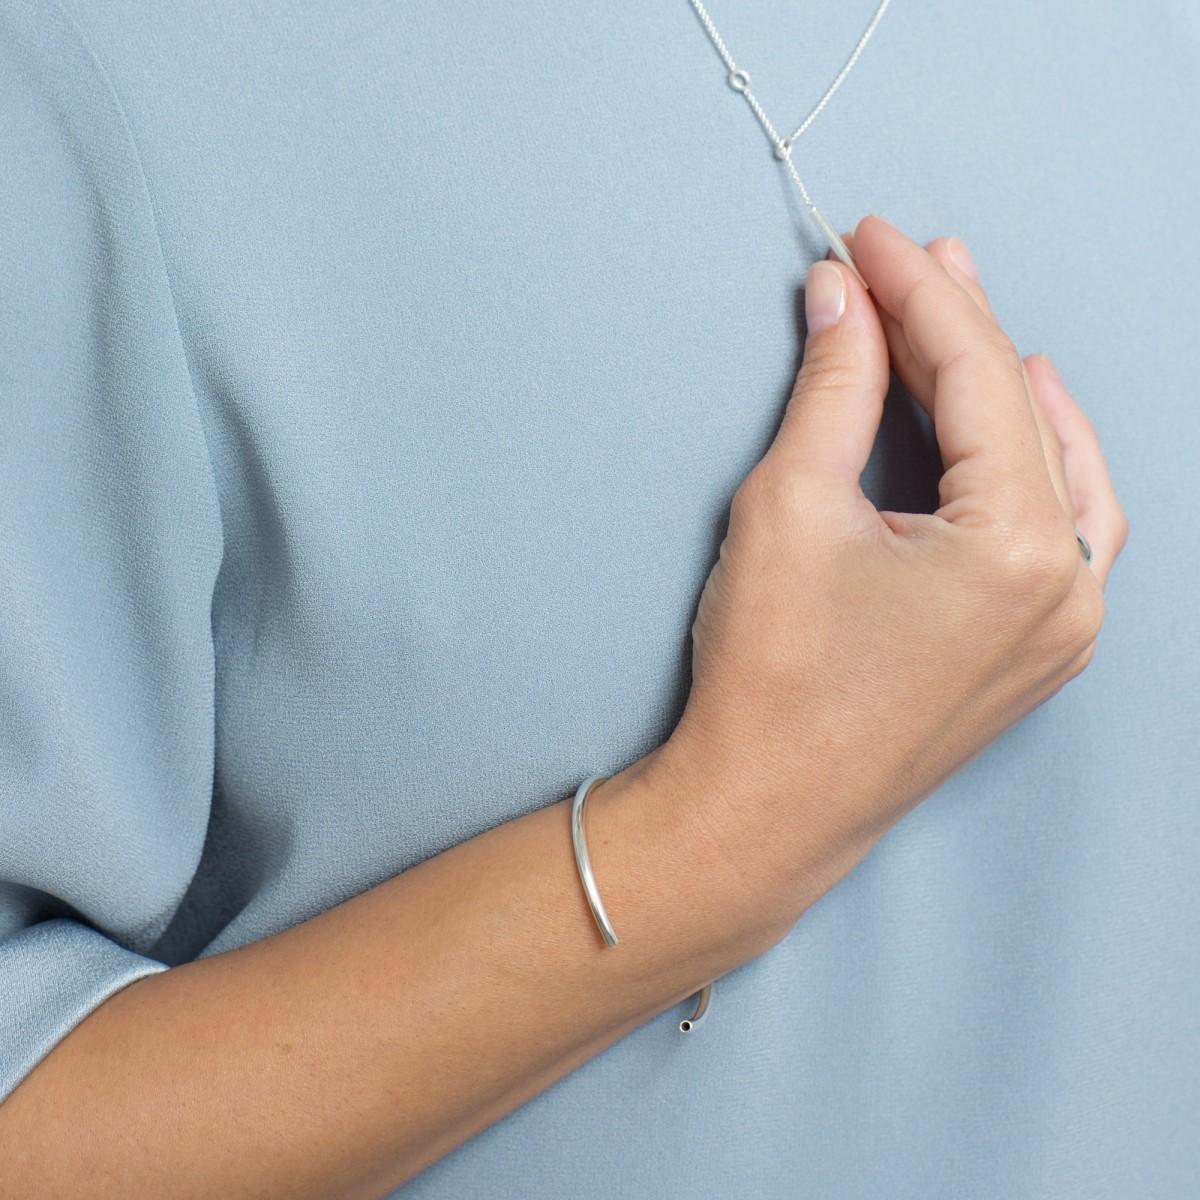 Jonathan Radetz Armreif Profile, Silber 925, Sterlingsilber, one Size, anpassbar, Handmade in Germany